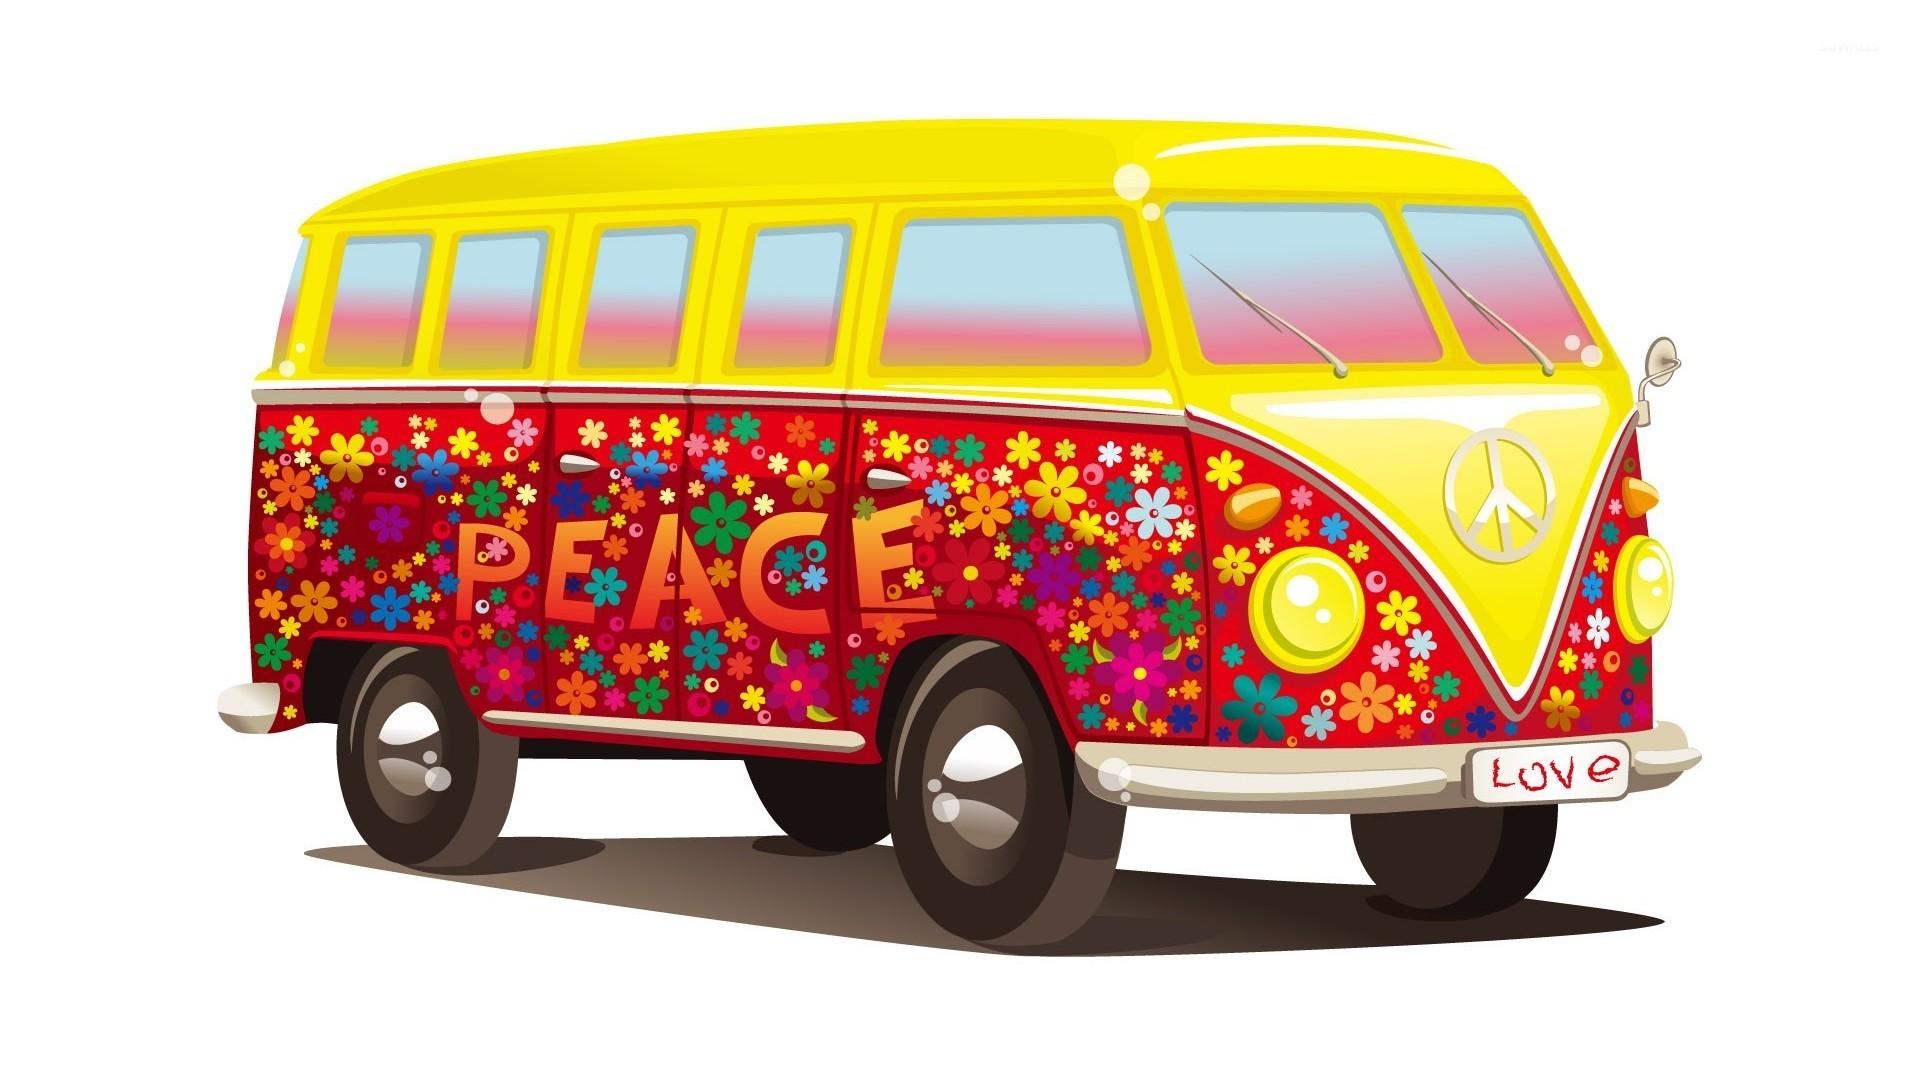 hippie volkswagen bus wallpaper vector wallpapers 15775. Black Bedroom Furniture Sets. Home Design Ideas